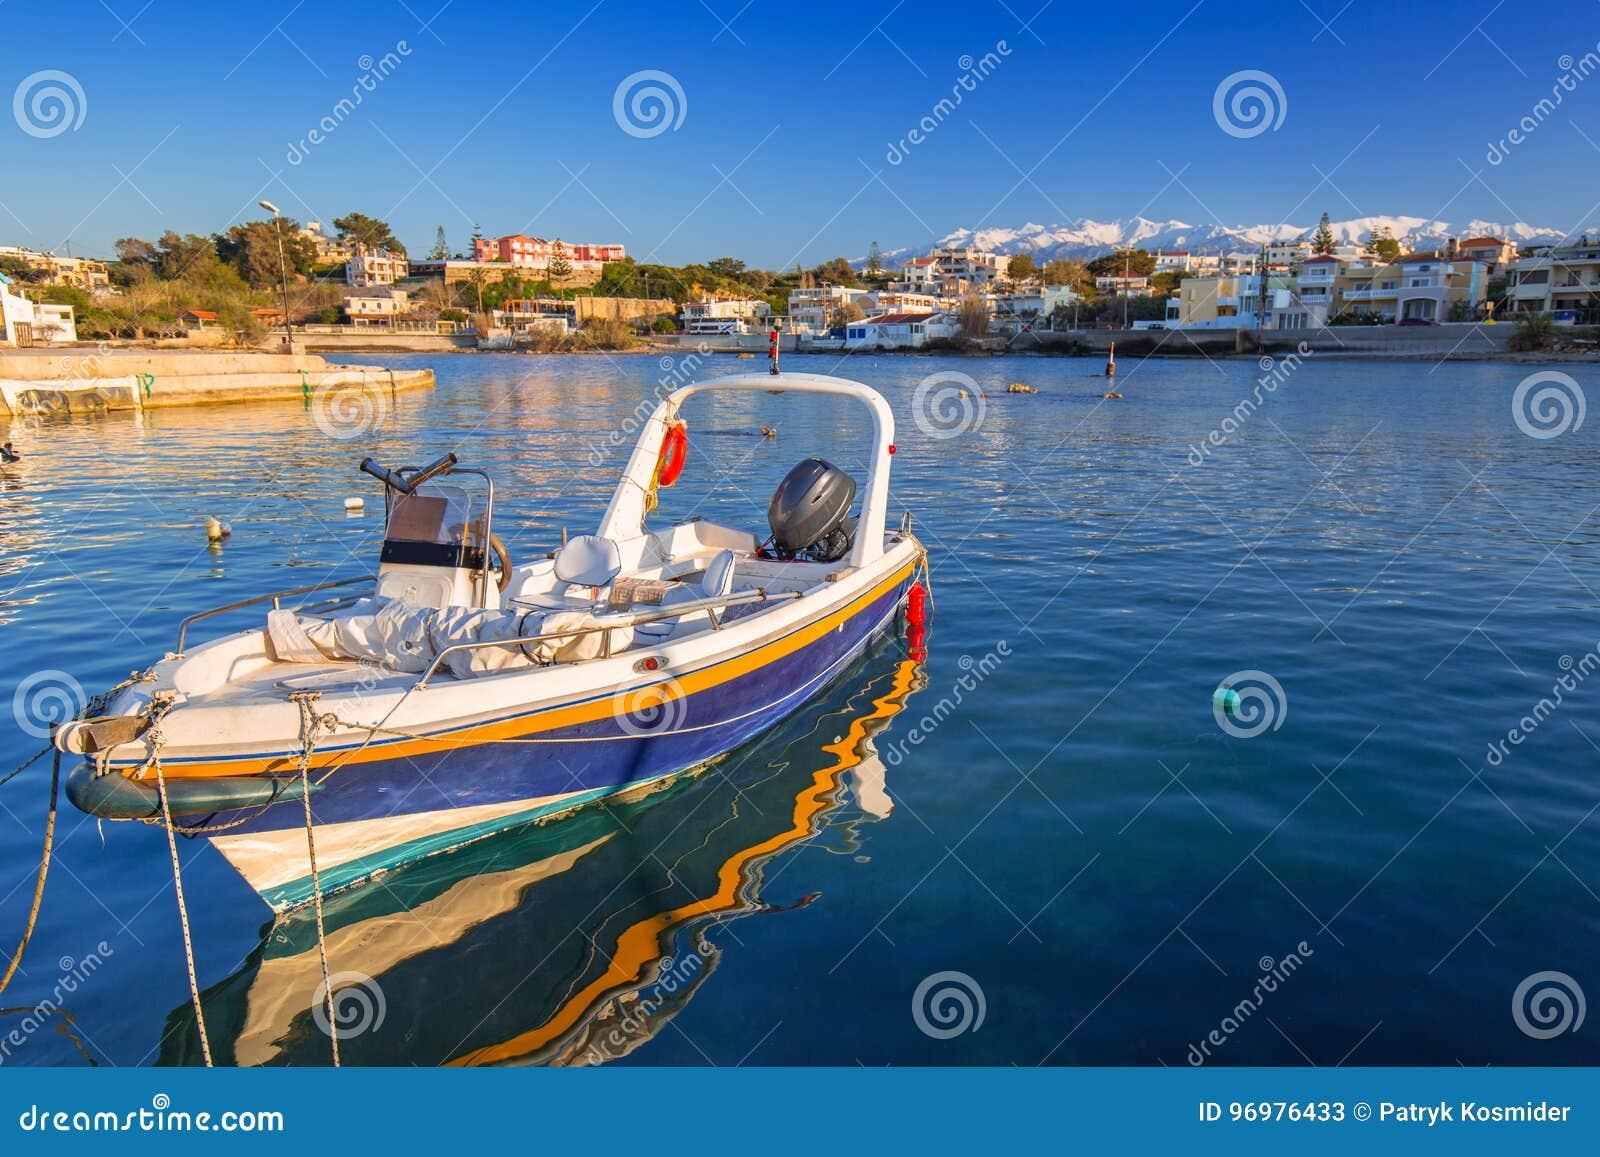 Vissersboten op de kustlijn van Kreta